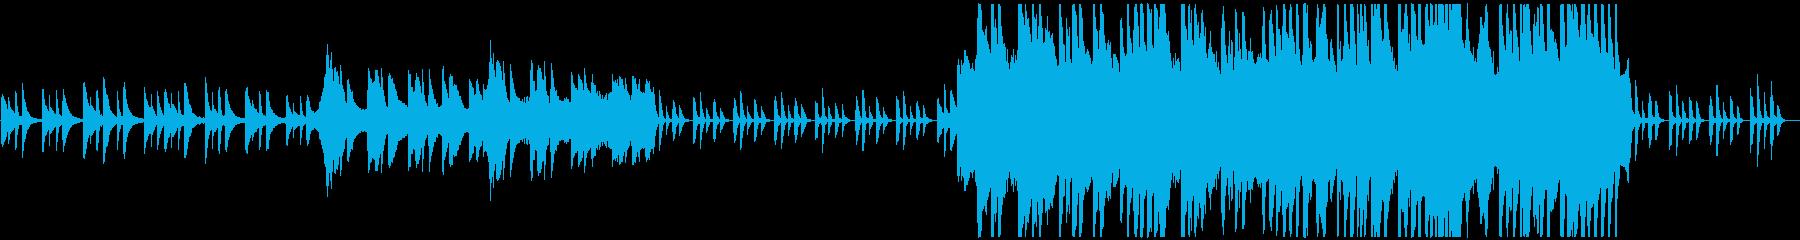 秋をイメージした和風ピアノBGMの再生済みの波形